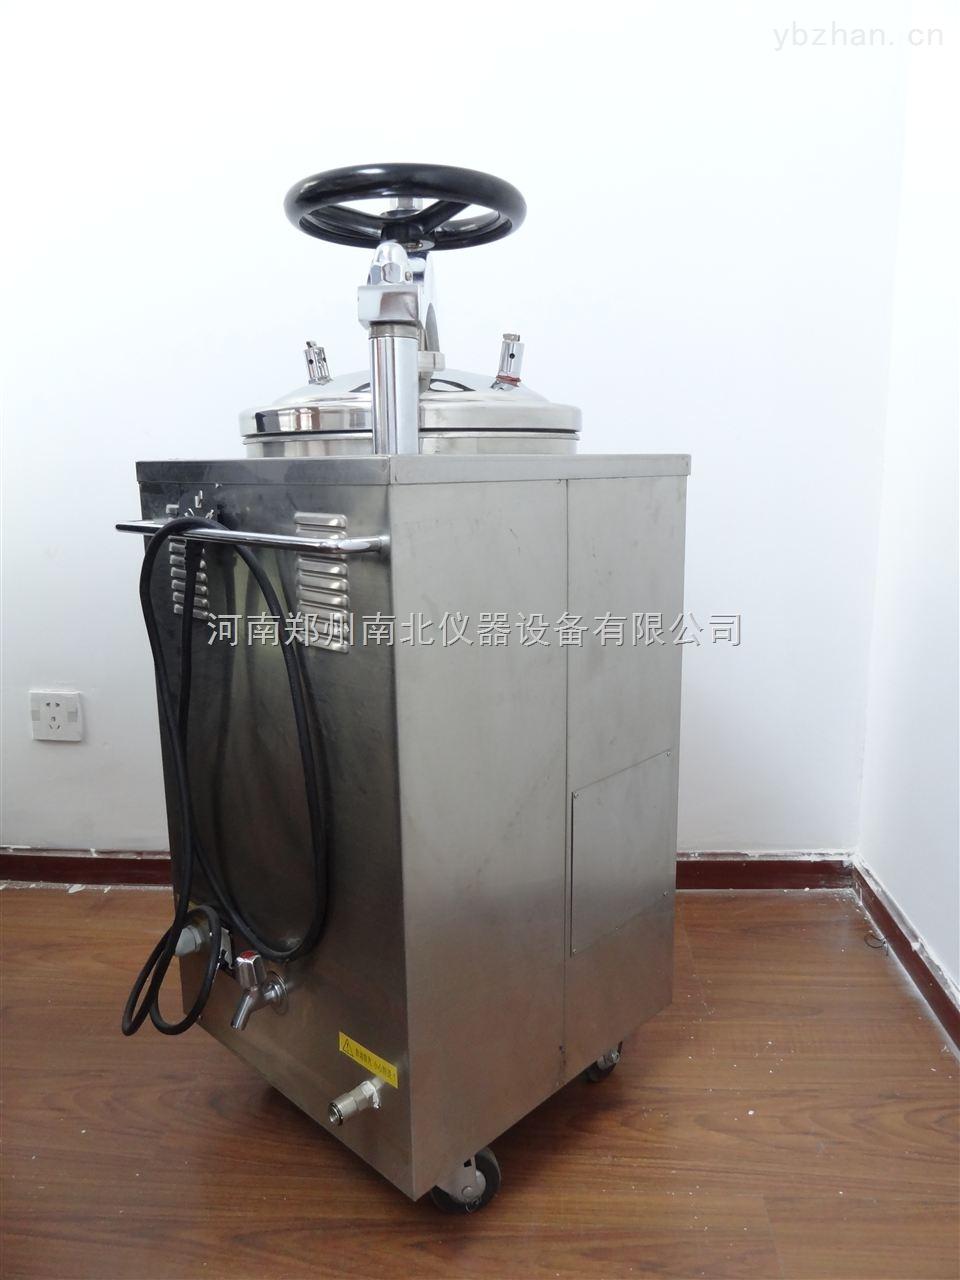 预真空压力蒸汽灭菌器